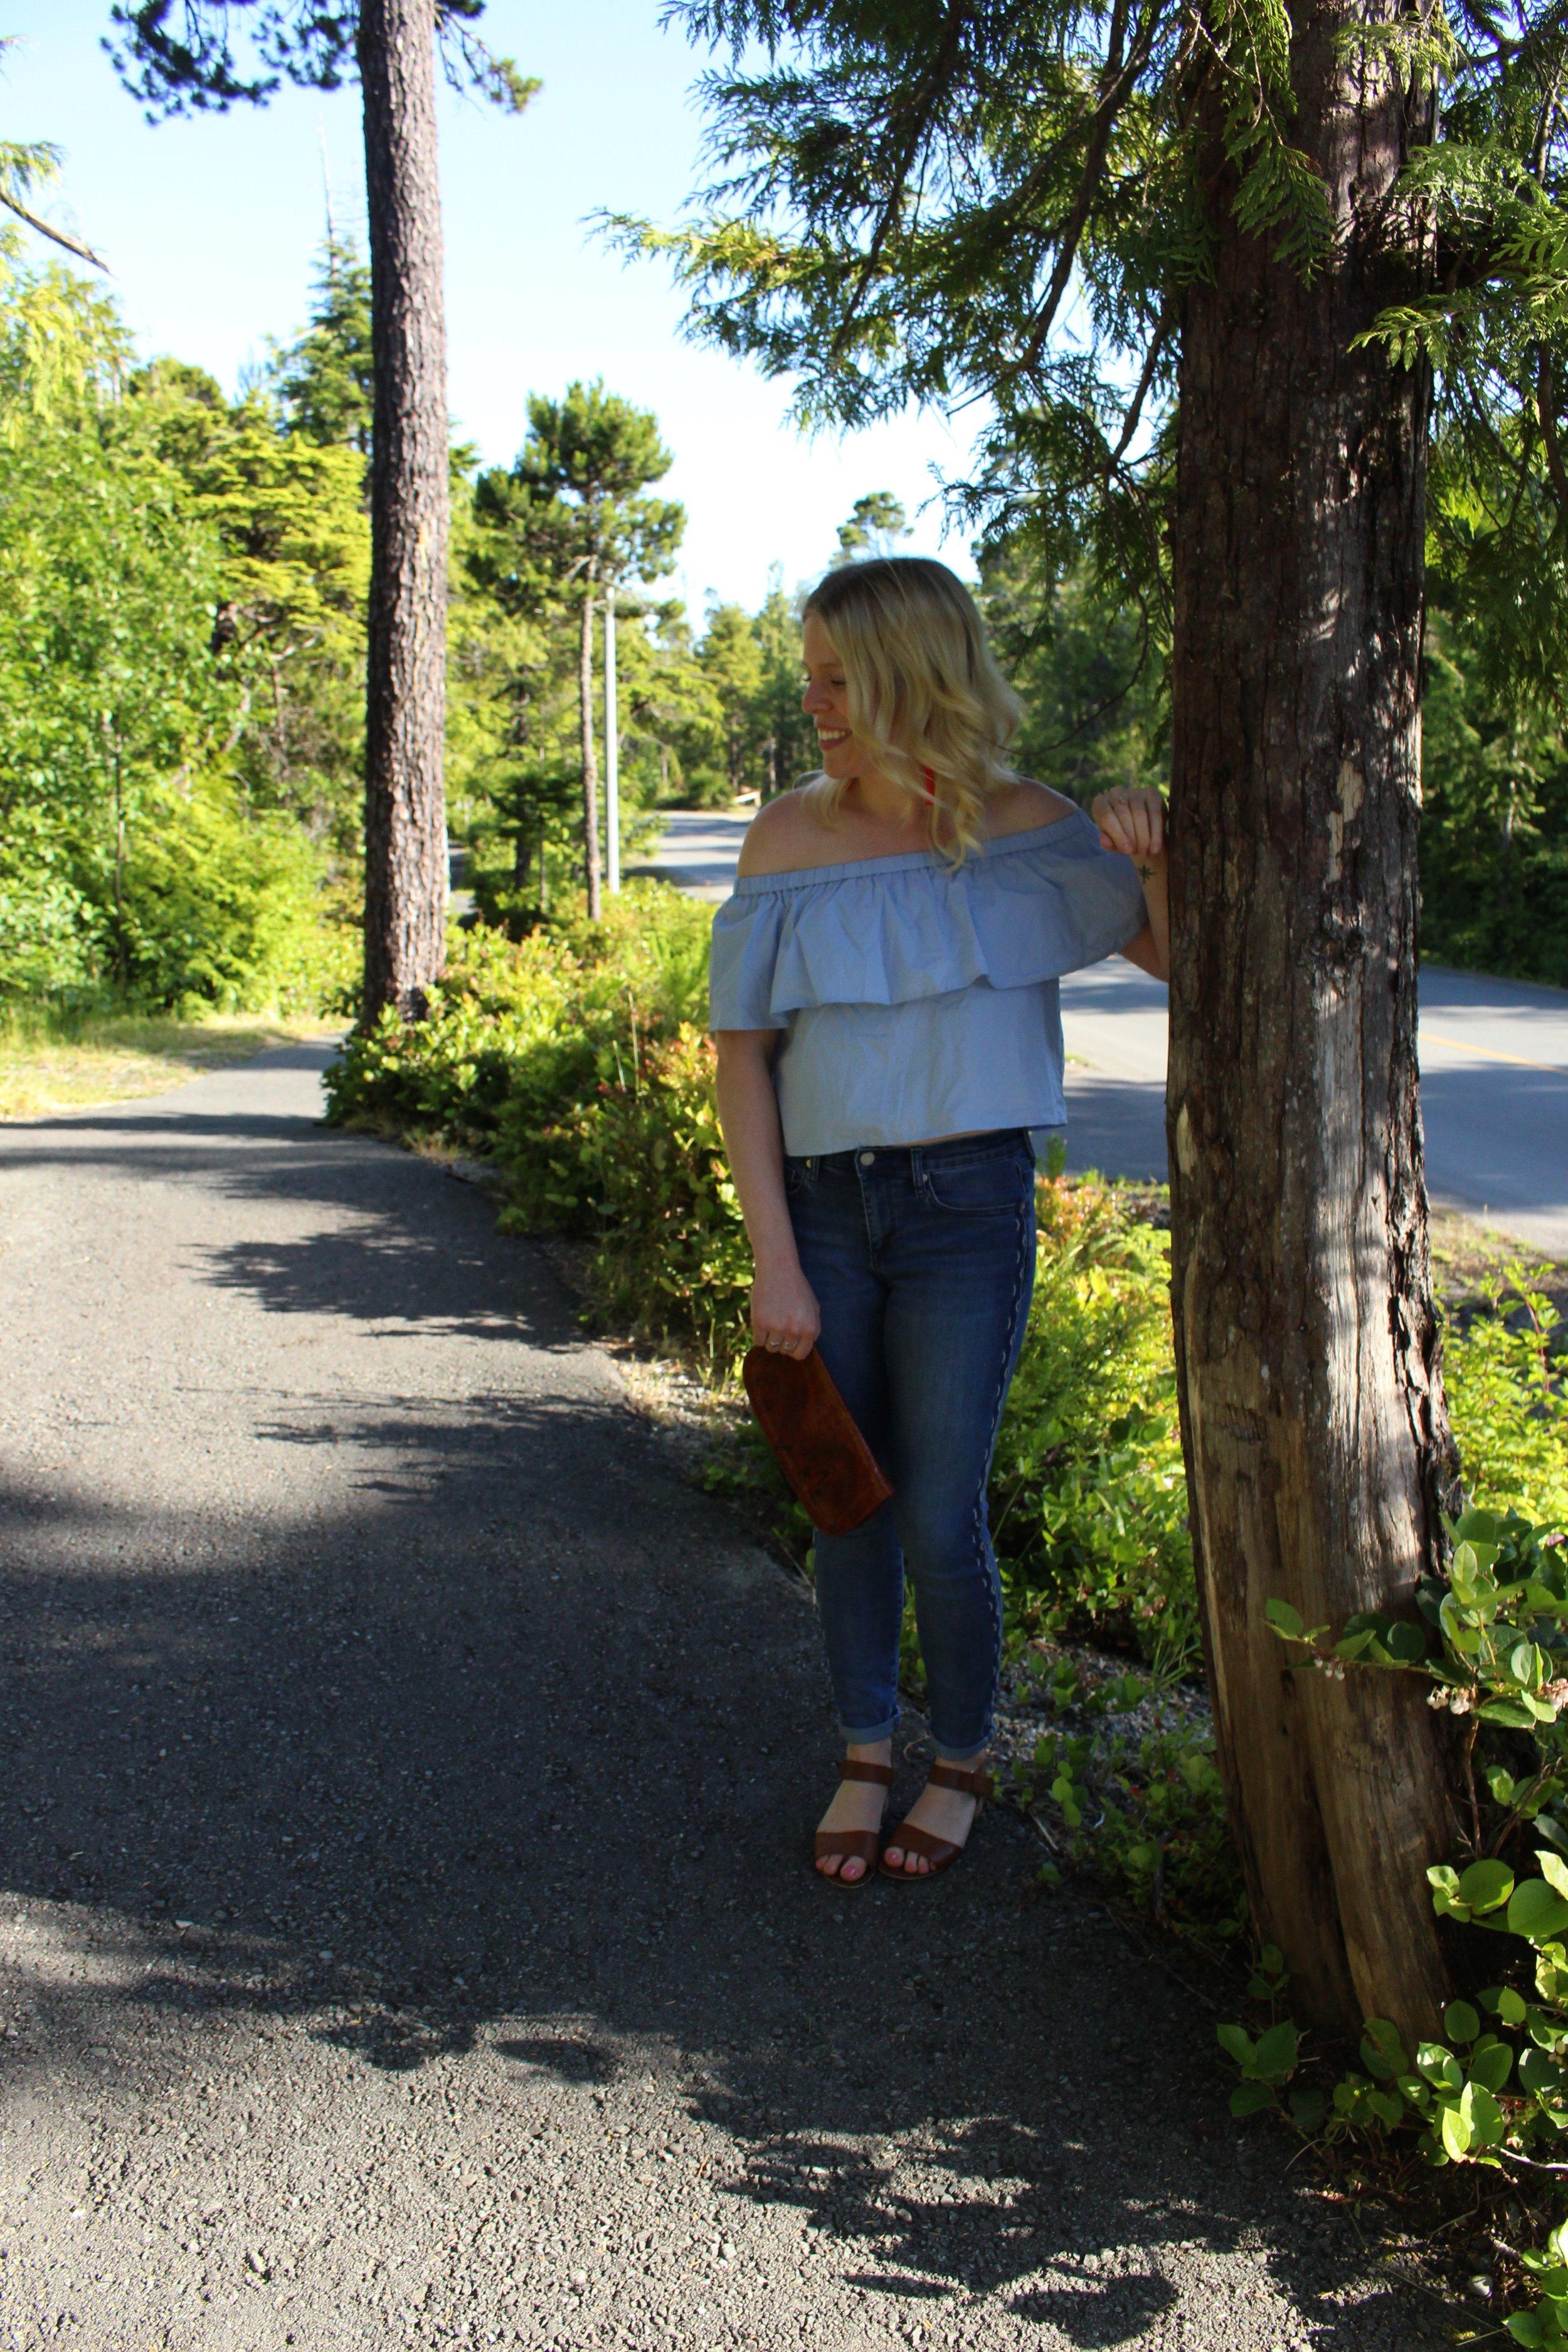 Topshop Bardot Top, GAP Jeans, Steve Madden Block Heel Sandals, Vintage Clutch, Anthropolgie Earrings